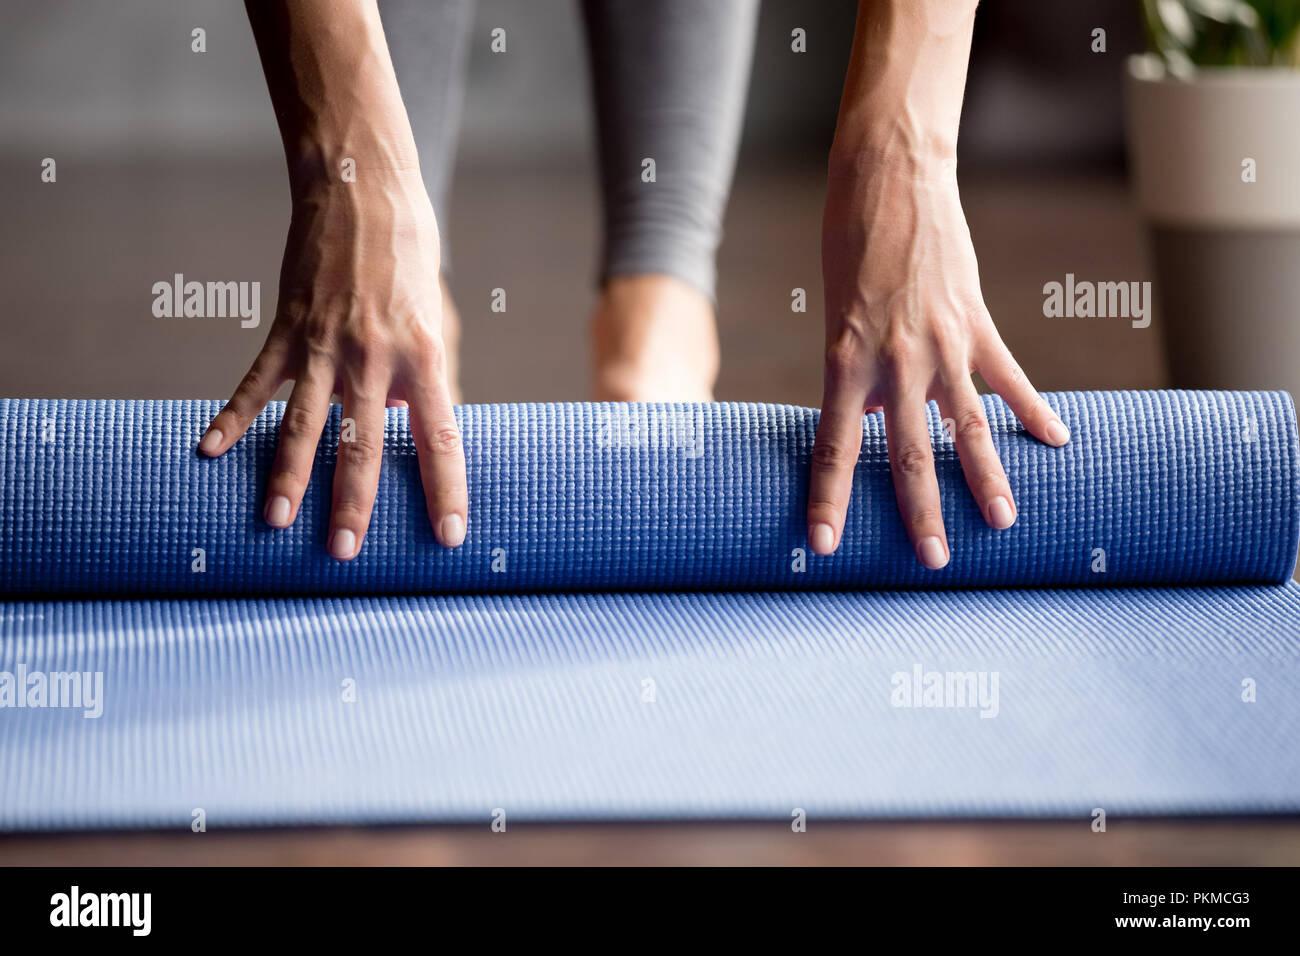 Par contre les filles bleu pliable tapis d'exercice sur le sol Photo Stock